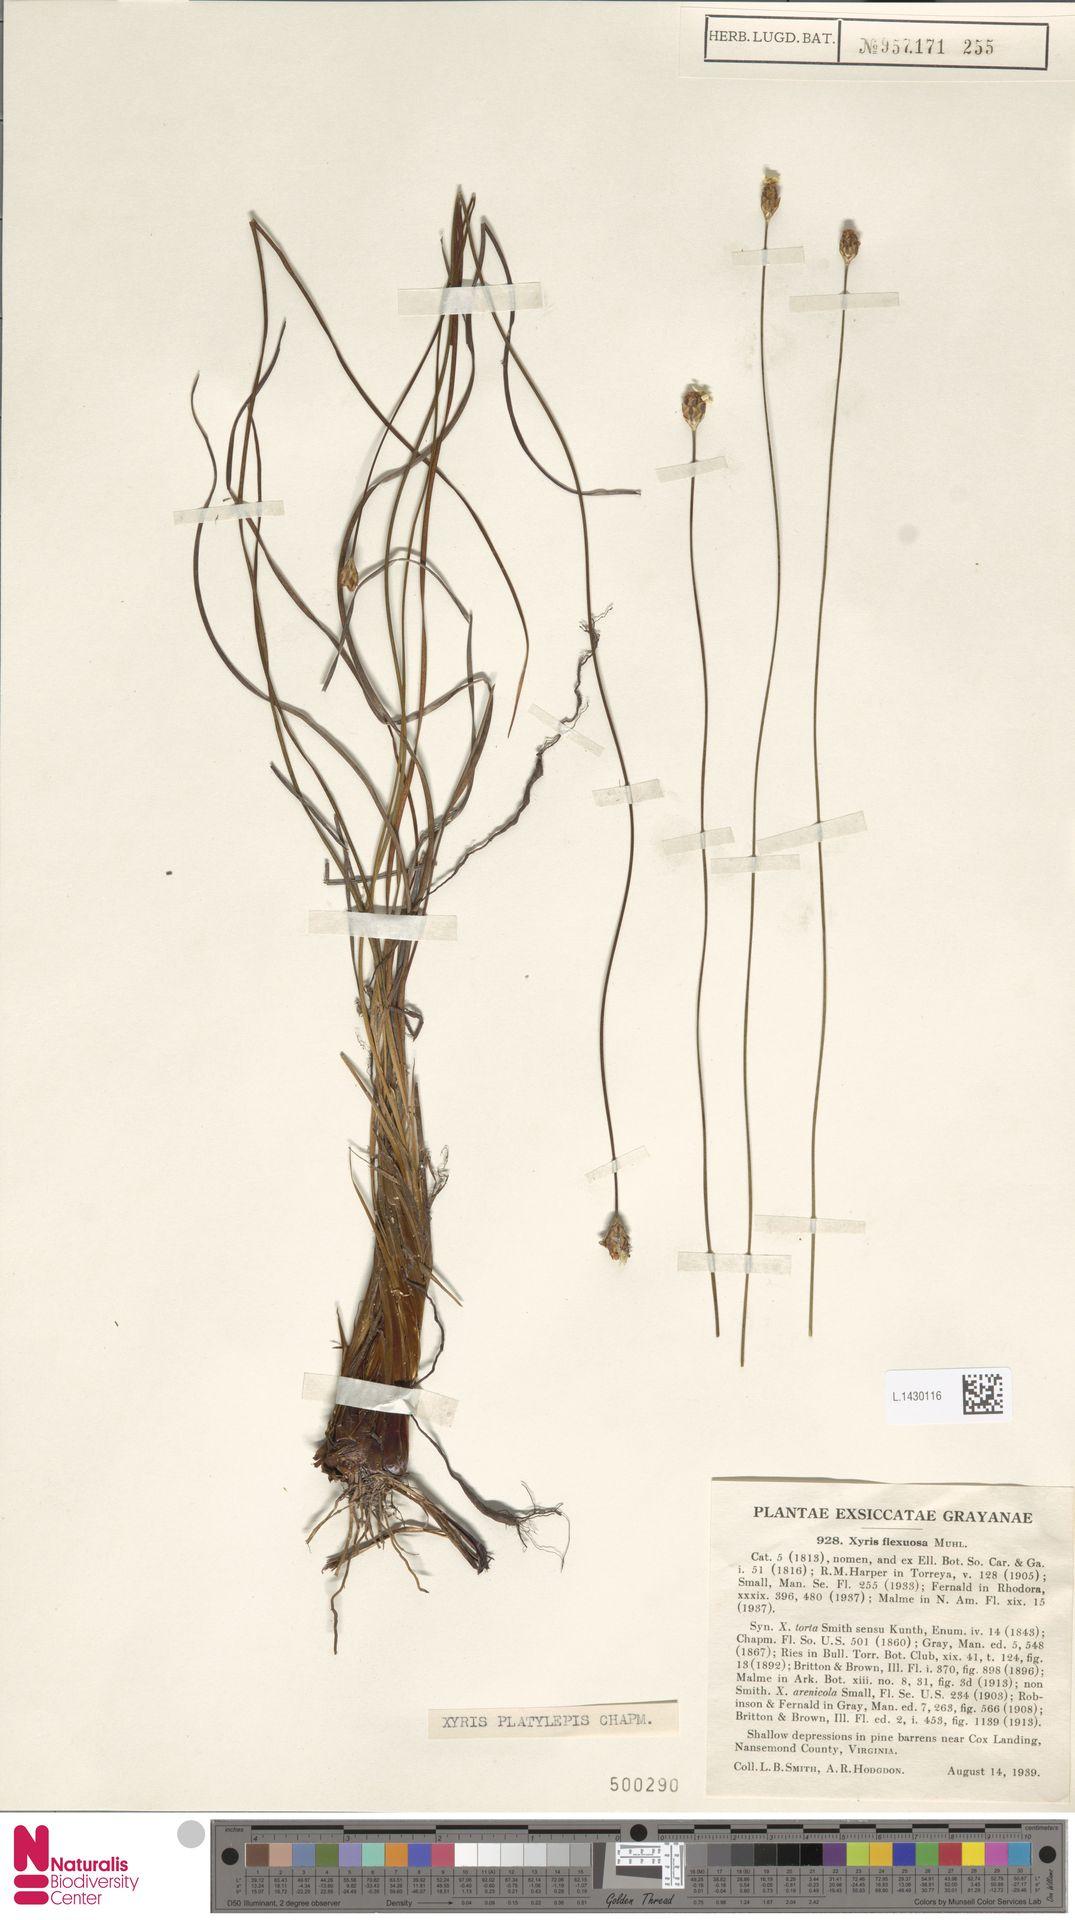 L.1430116 | Xyris platylepis Chapm.